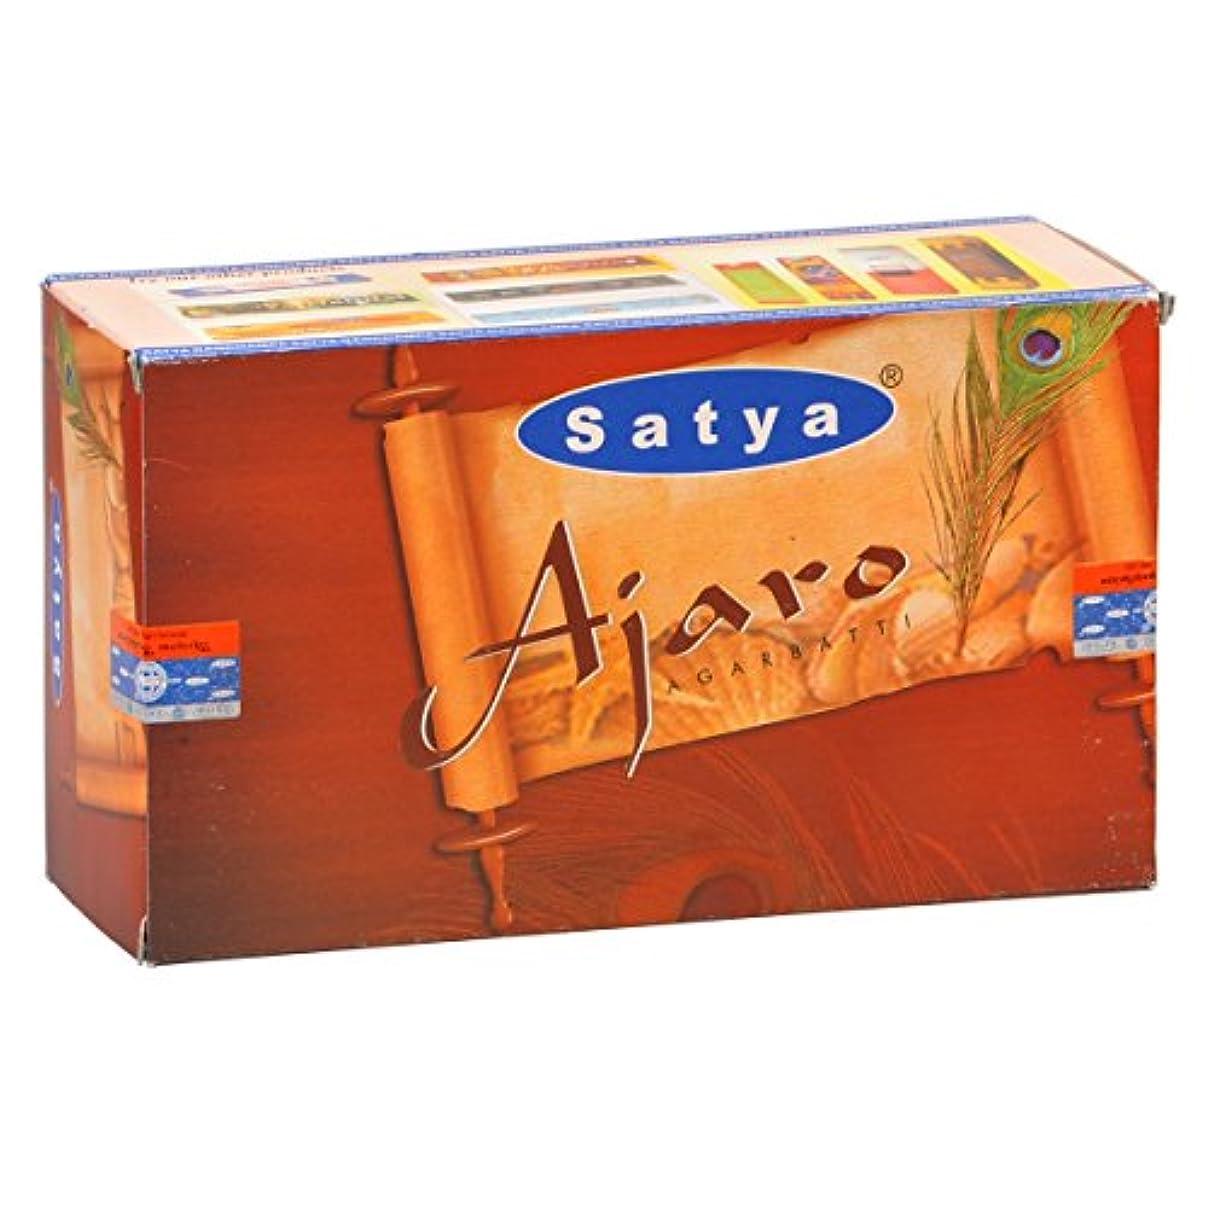 対角線制限されたきょうだいSATYA(サティヤ) アジャロ Ajaro スティックタイプ お香 12箱 セット [並行輸入品]